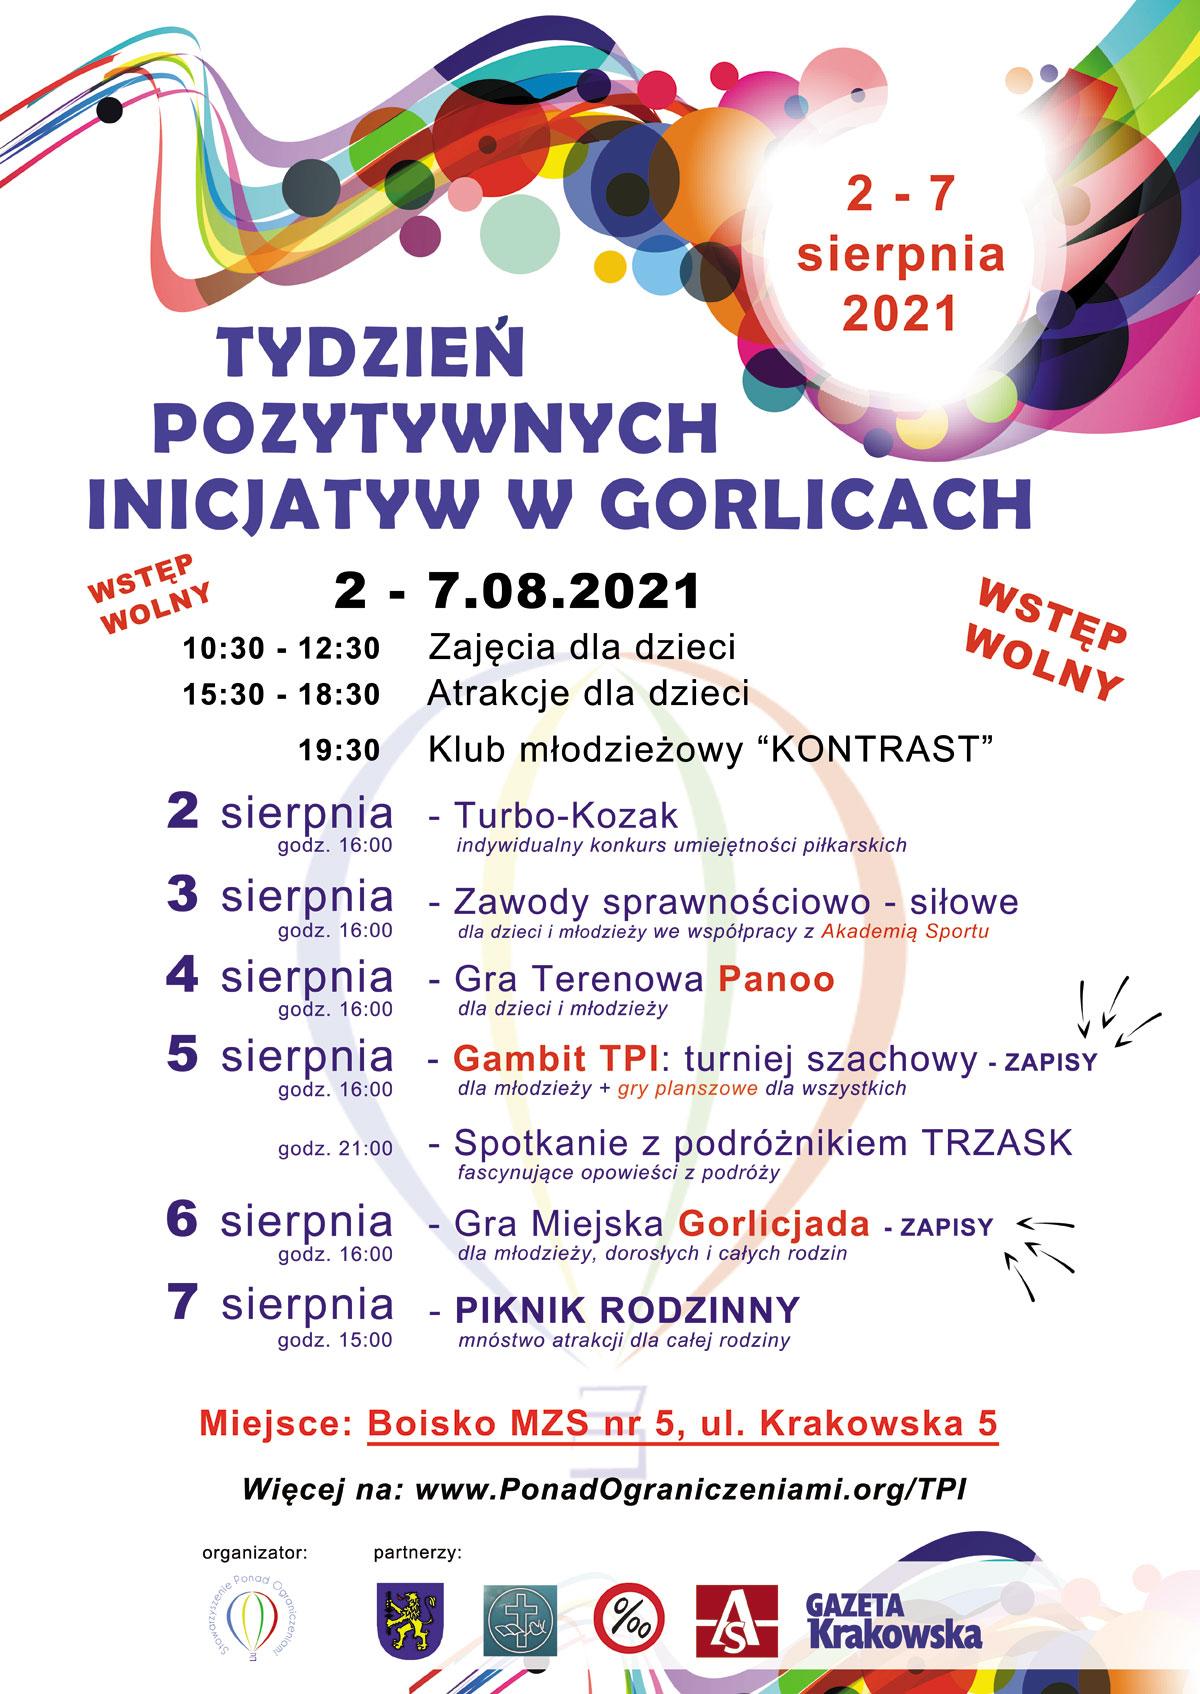 Tydzień pozytywnych inicjatyw 2021 Gorlice